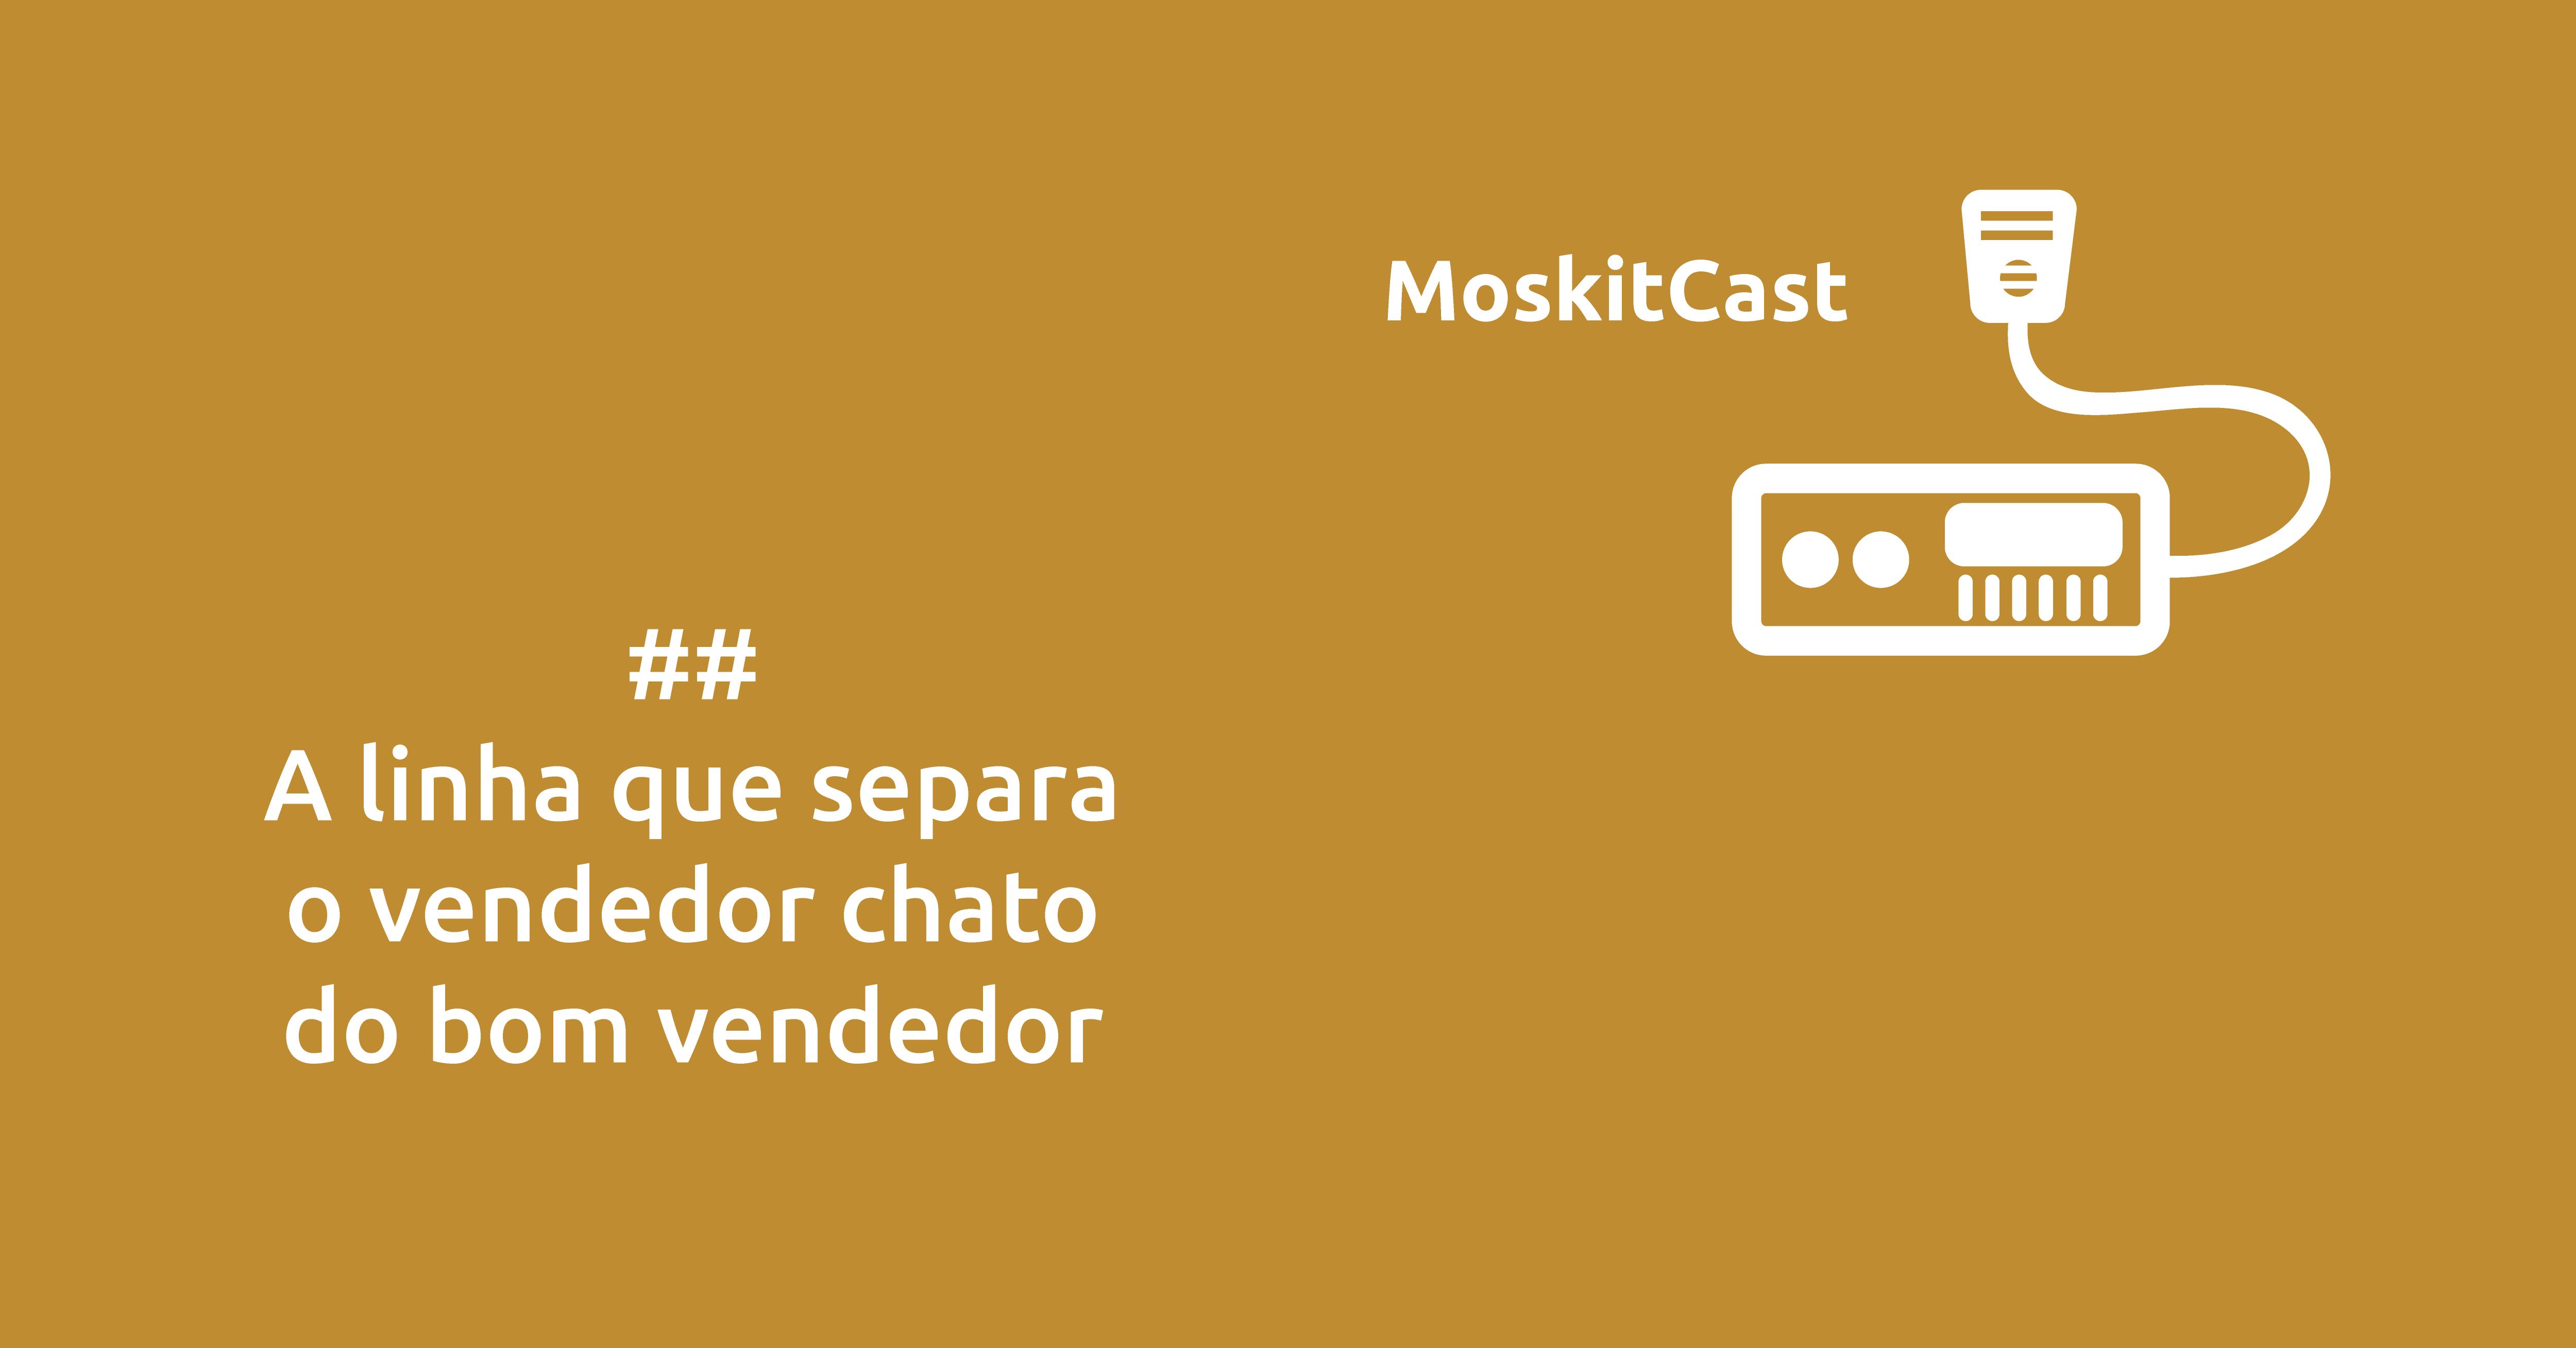 MoskitCast: A linha que separa o vendedor bonzinho do bom vendedor